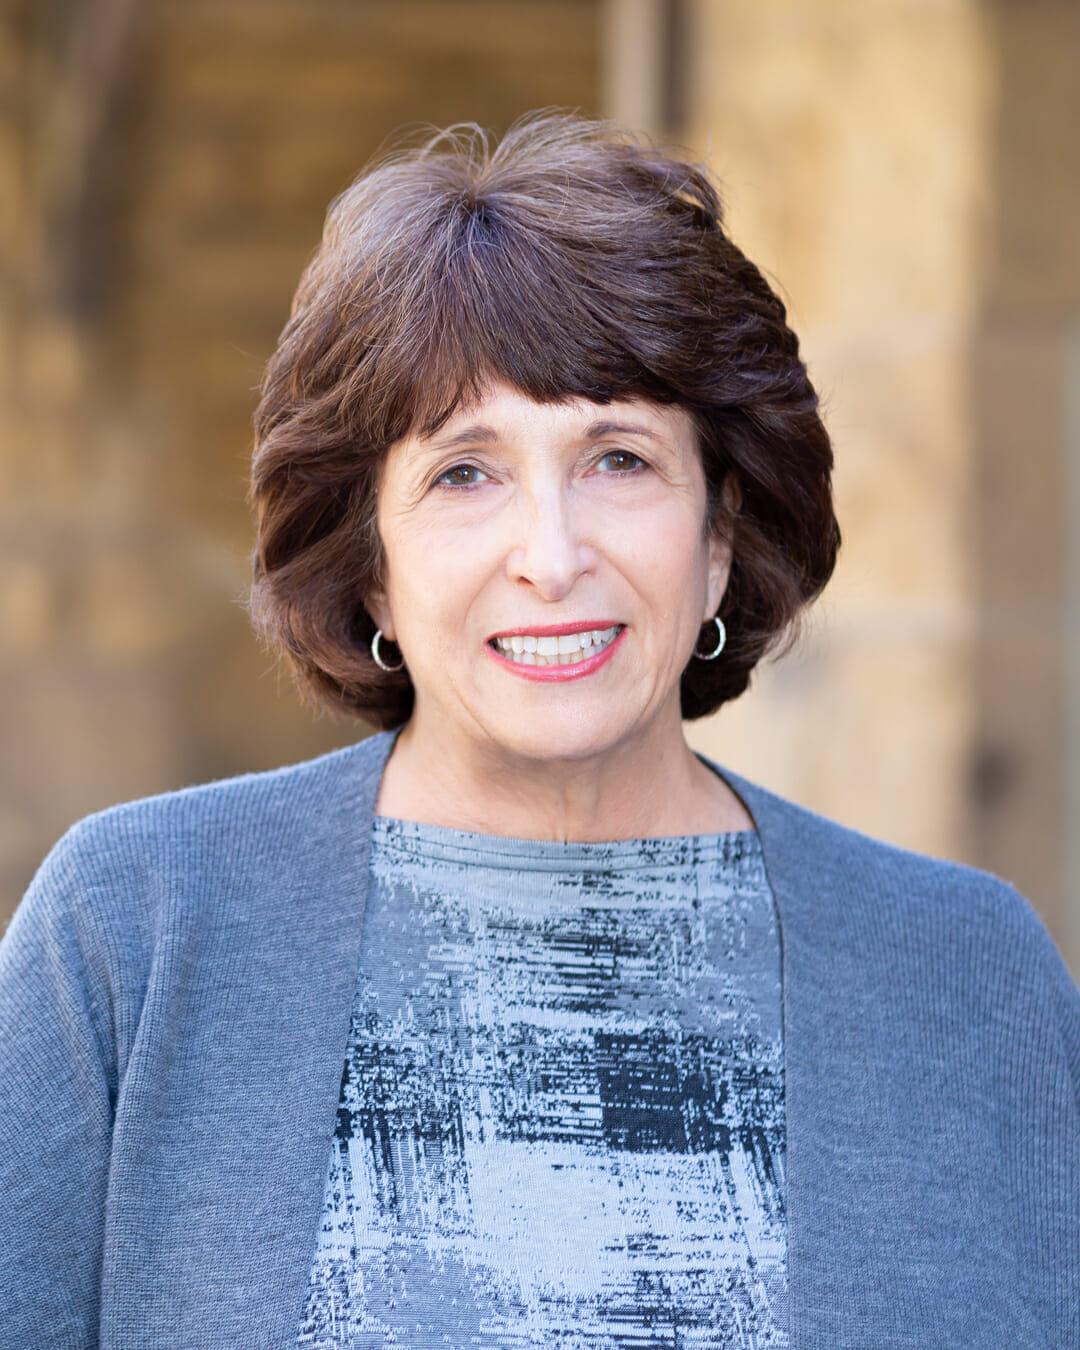 Carrie Du Bois, SUHSD School Board Vice President